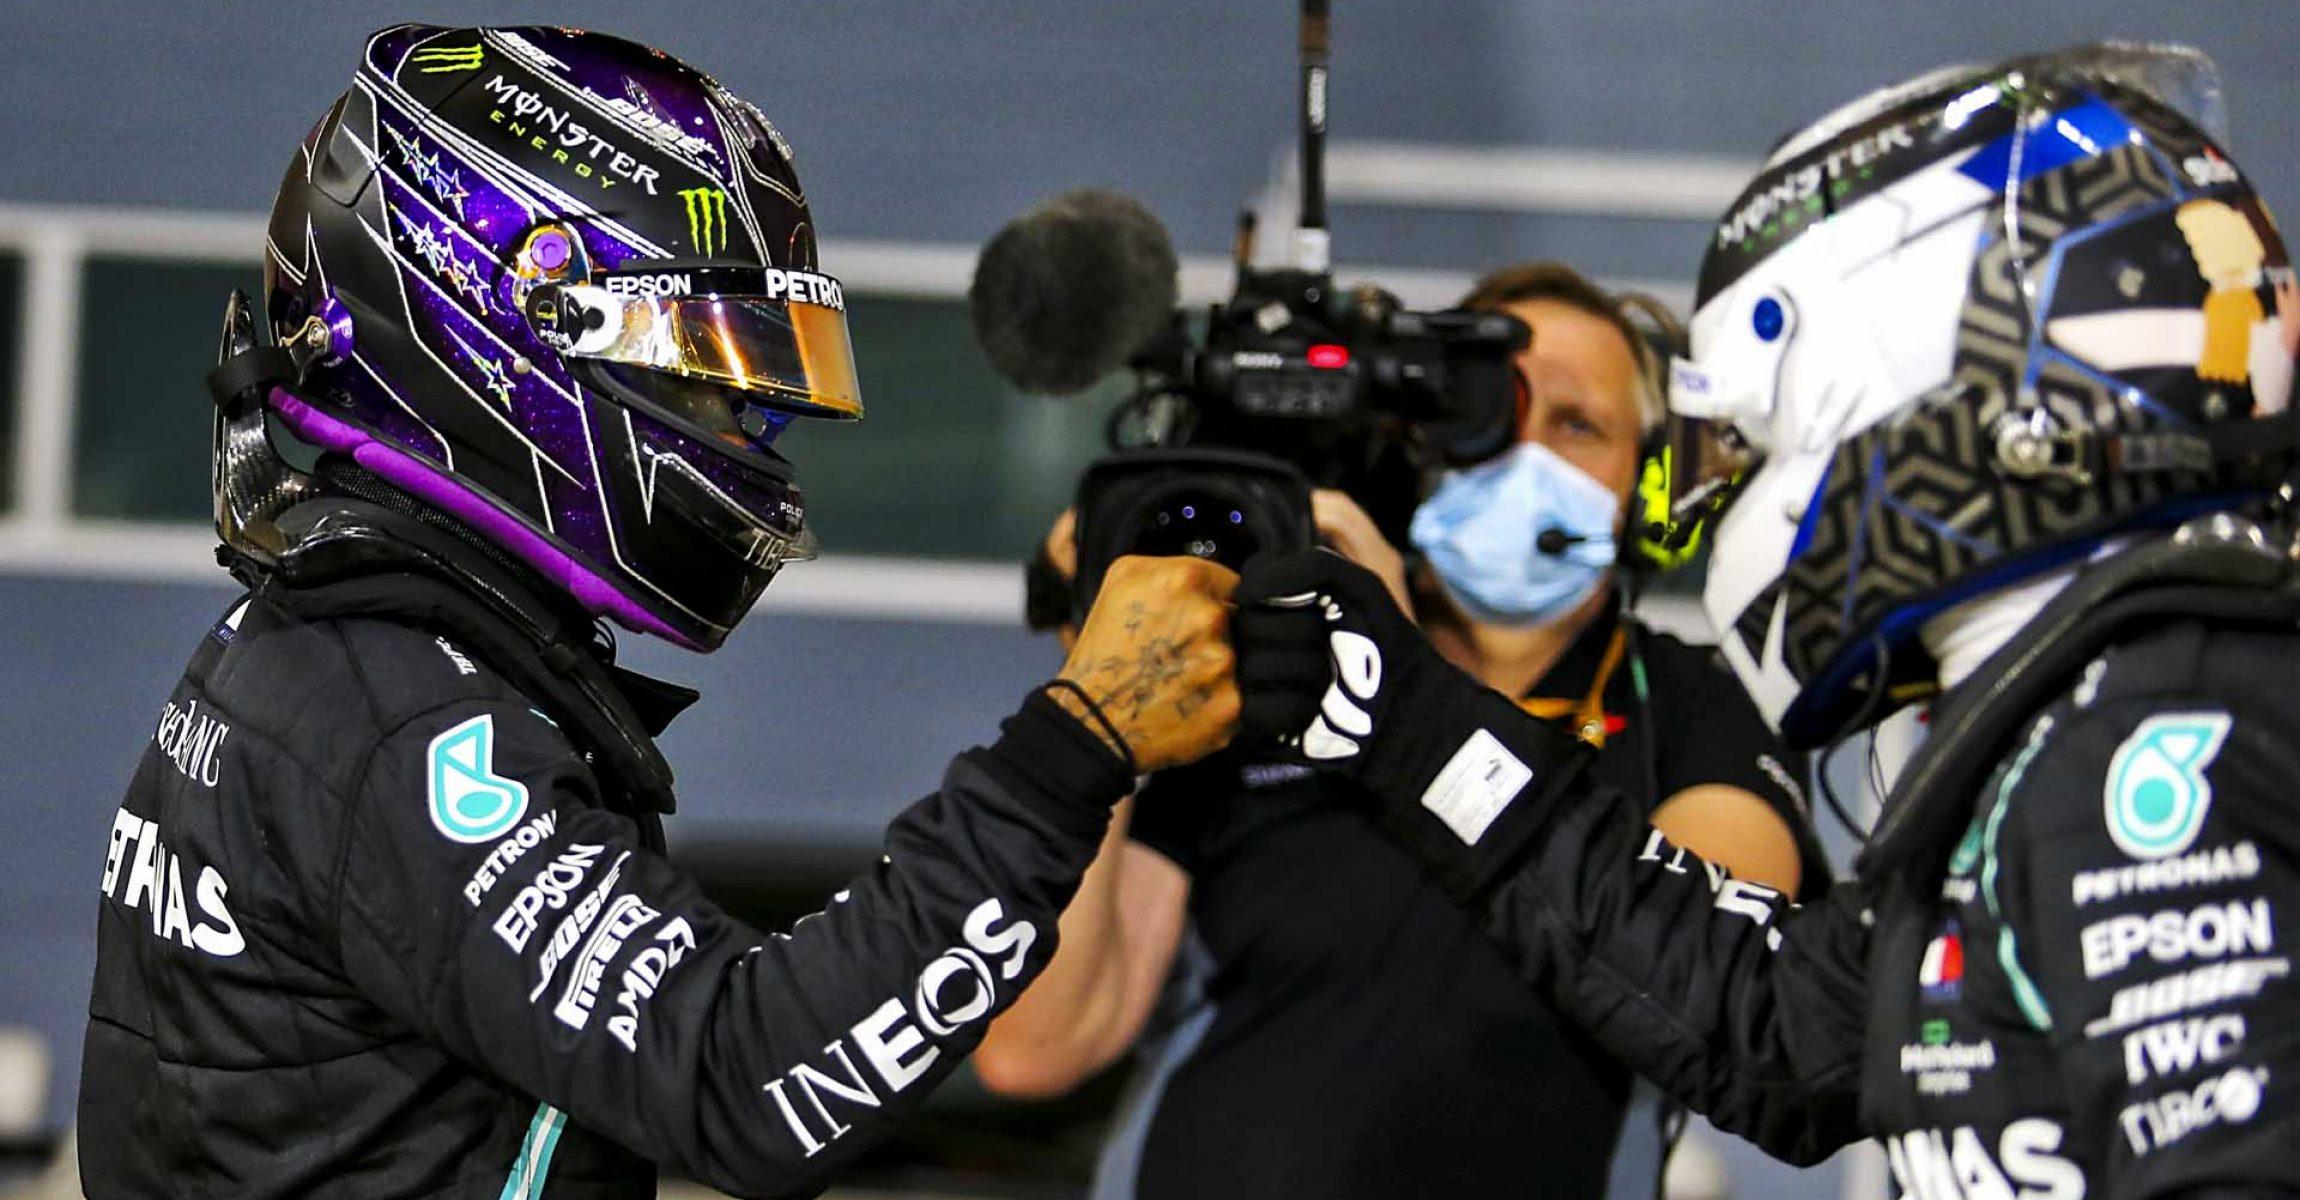 2020 Bahrain Grand Prix, Saturday - LAT Images Lewis Hamilton Mercedes Valtteri Bottas